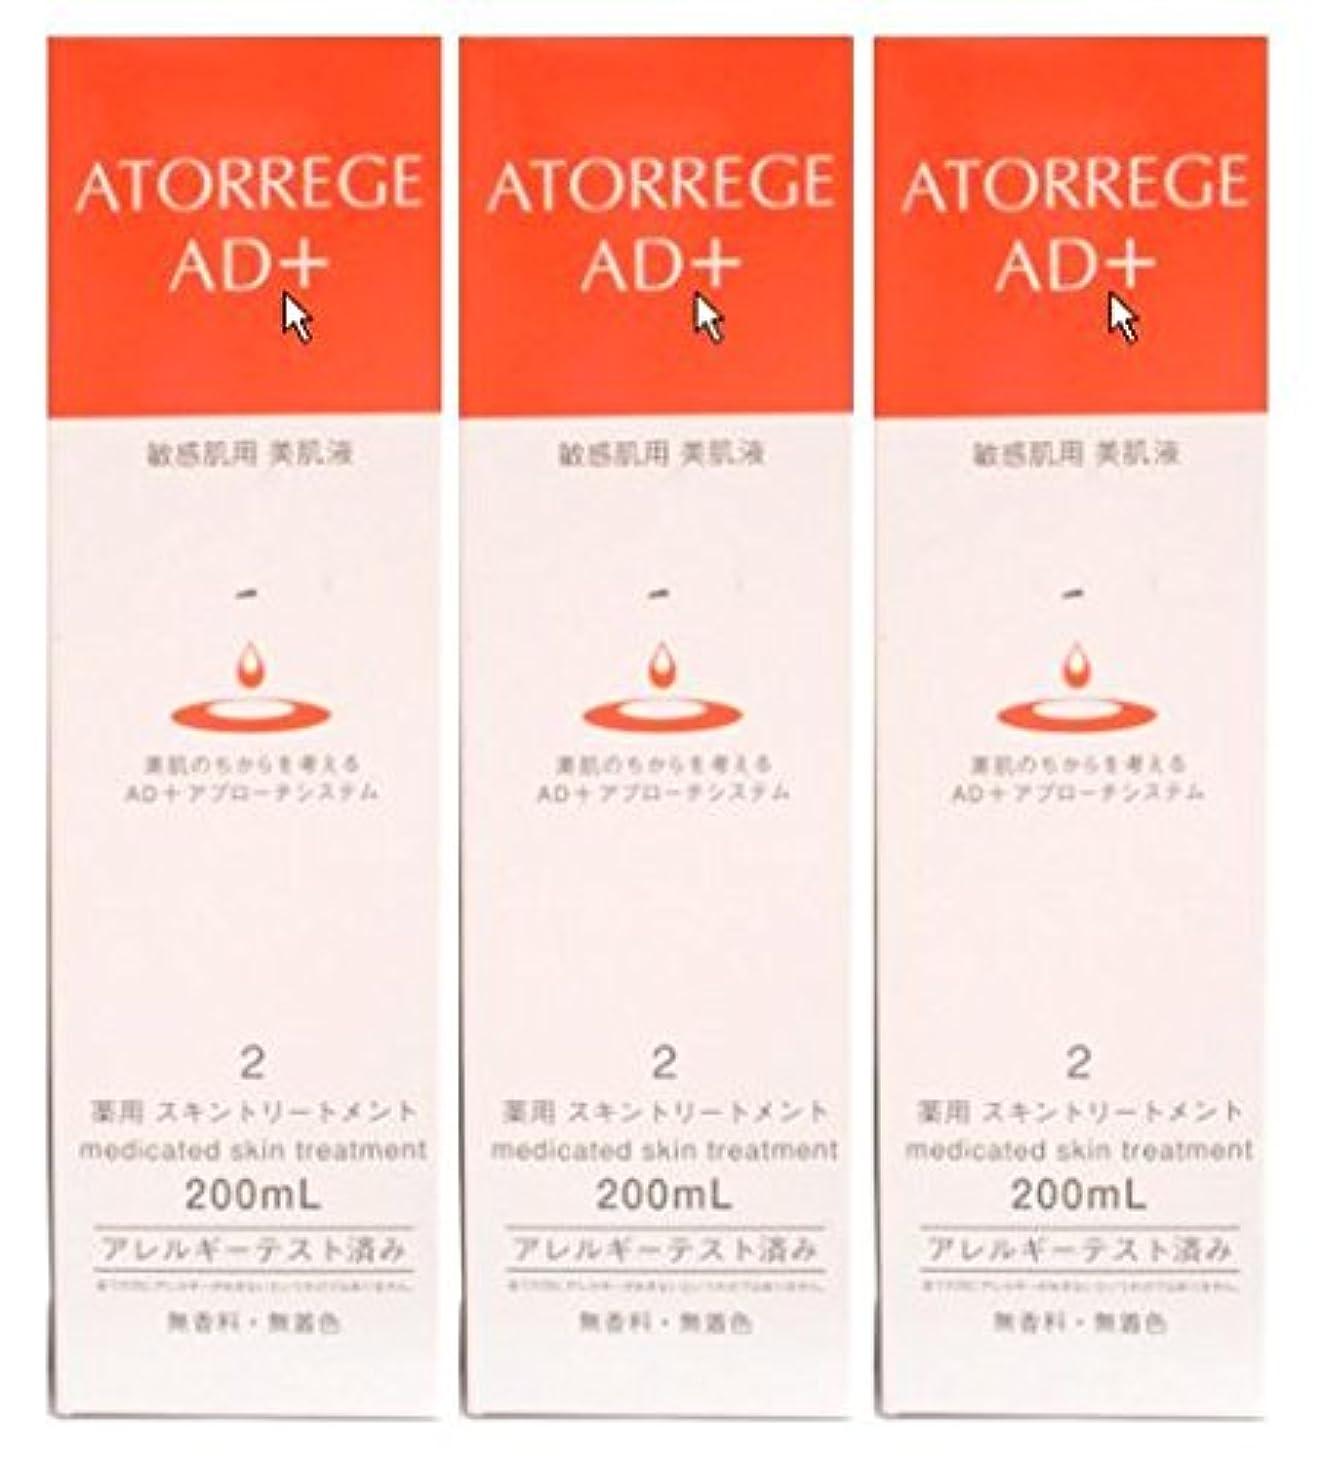 いっぱいメロディアス影響する(お買い得3本セット)アトレージュ AD+薬用スキントリートメント 200ml(敏感肌用化粧水)(医薬部外品)